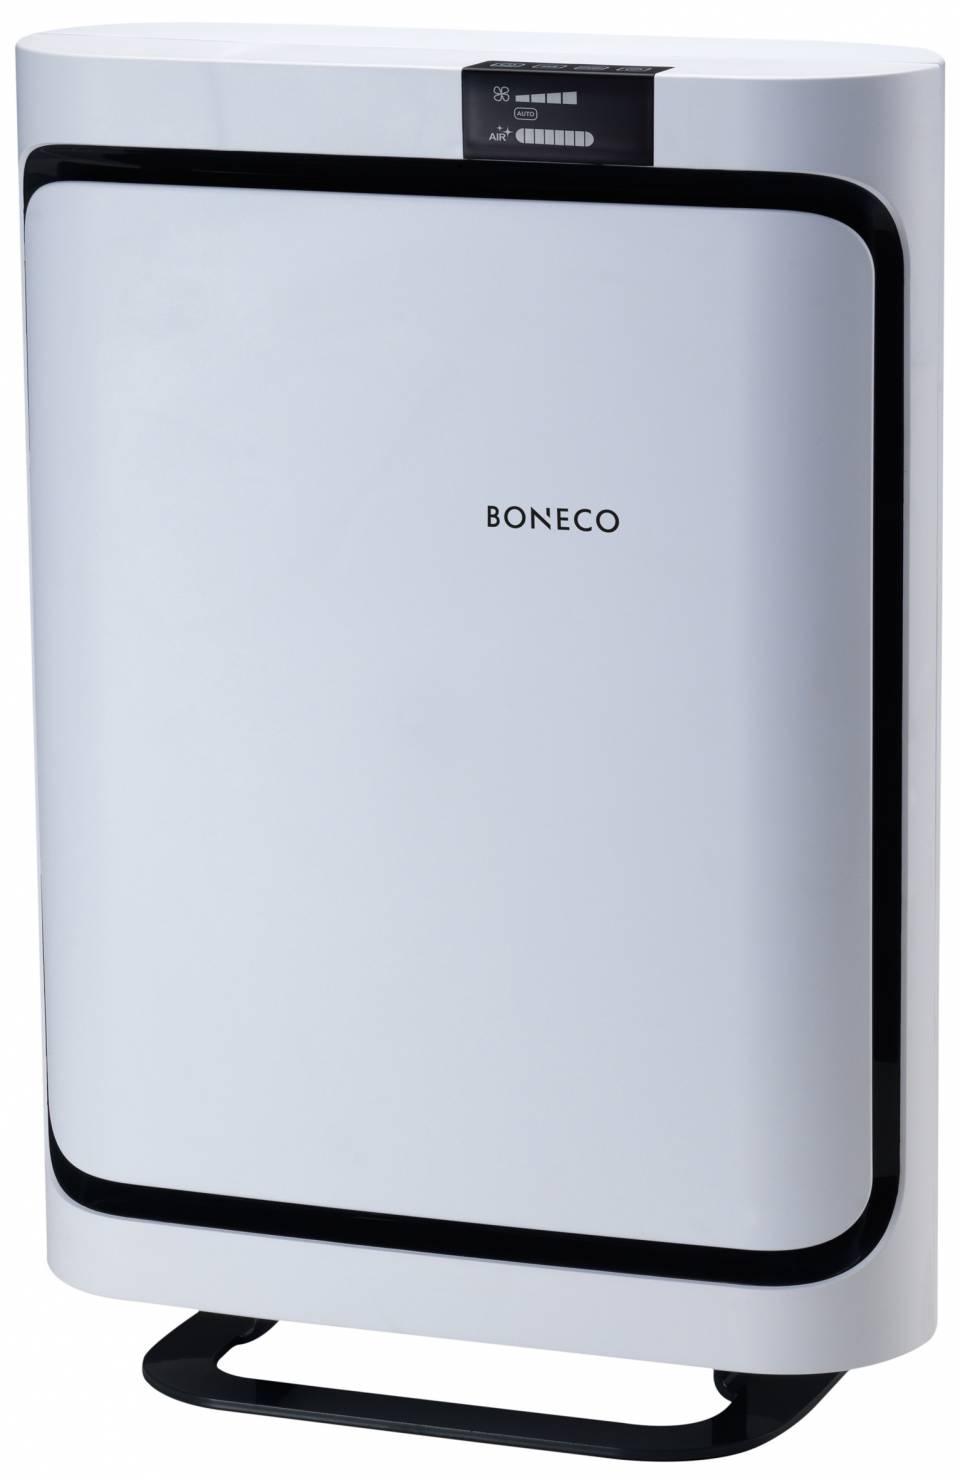 Saubere Luft nach persönlichen Bedürfnissen mit dem Boneco P500.